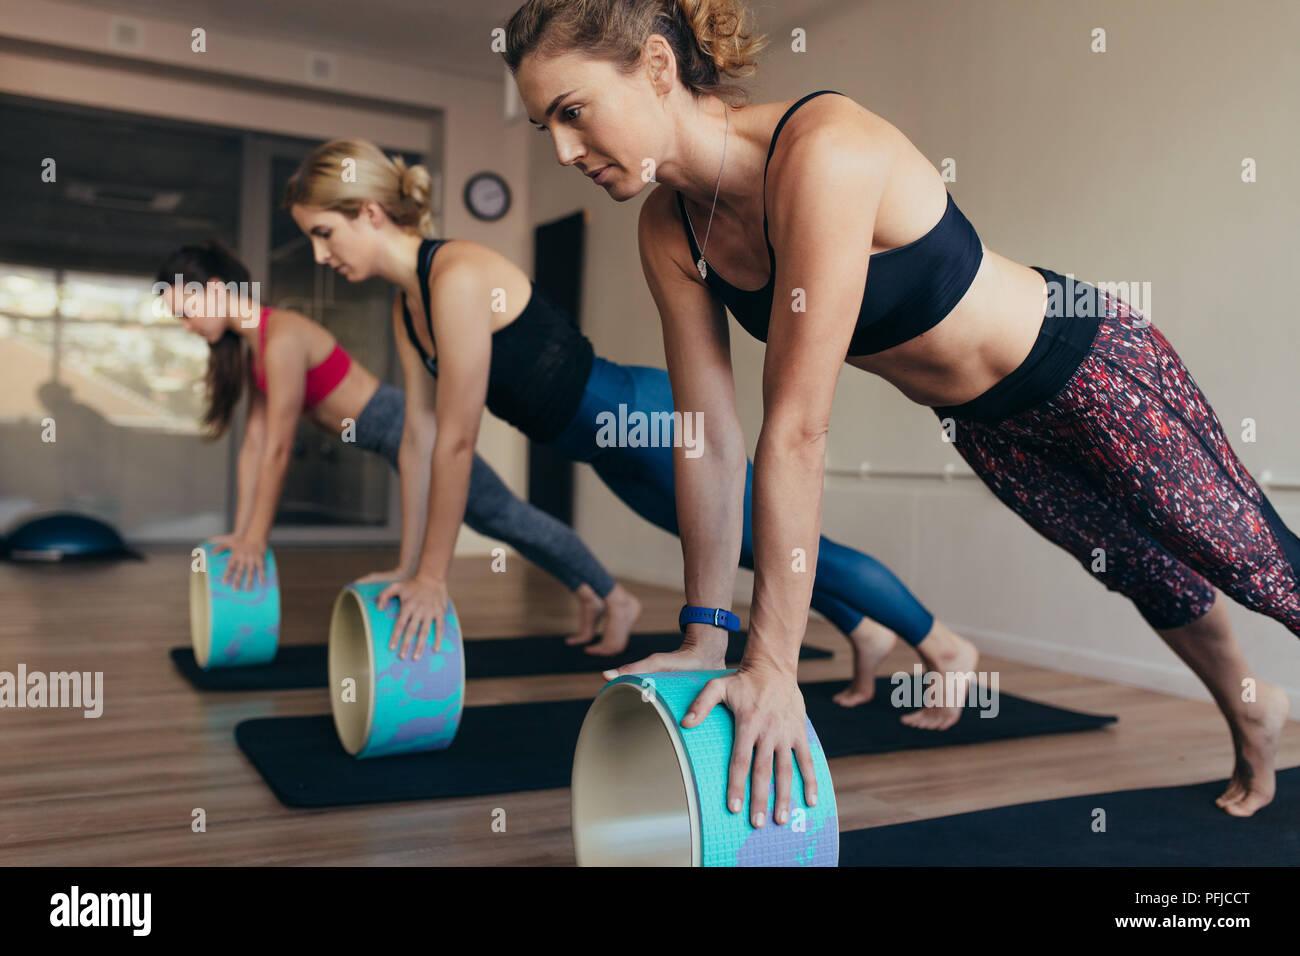 Les femmes en position de pousser vers le haut les mains au repos sur la roue d'entraînement pilates yoga faire. Trois femmes faire pilates de l'exercice dans la salle de sport. Photo Stock